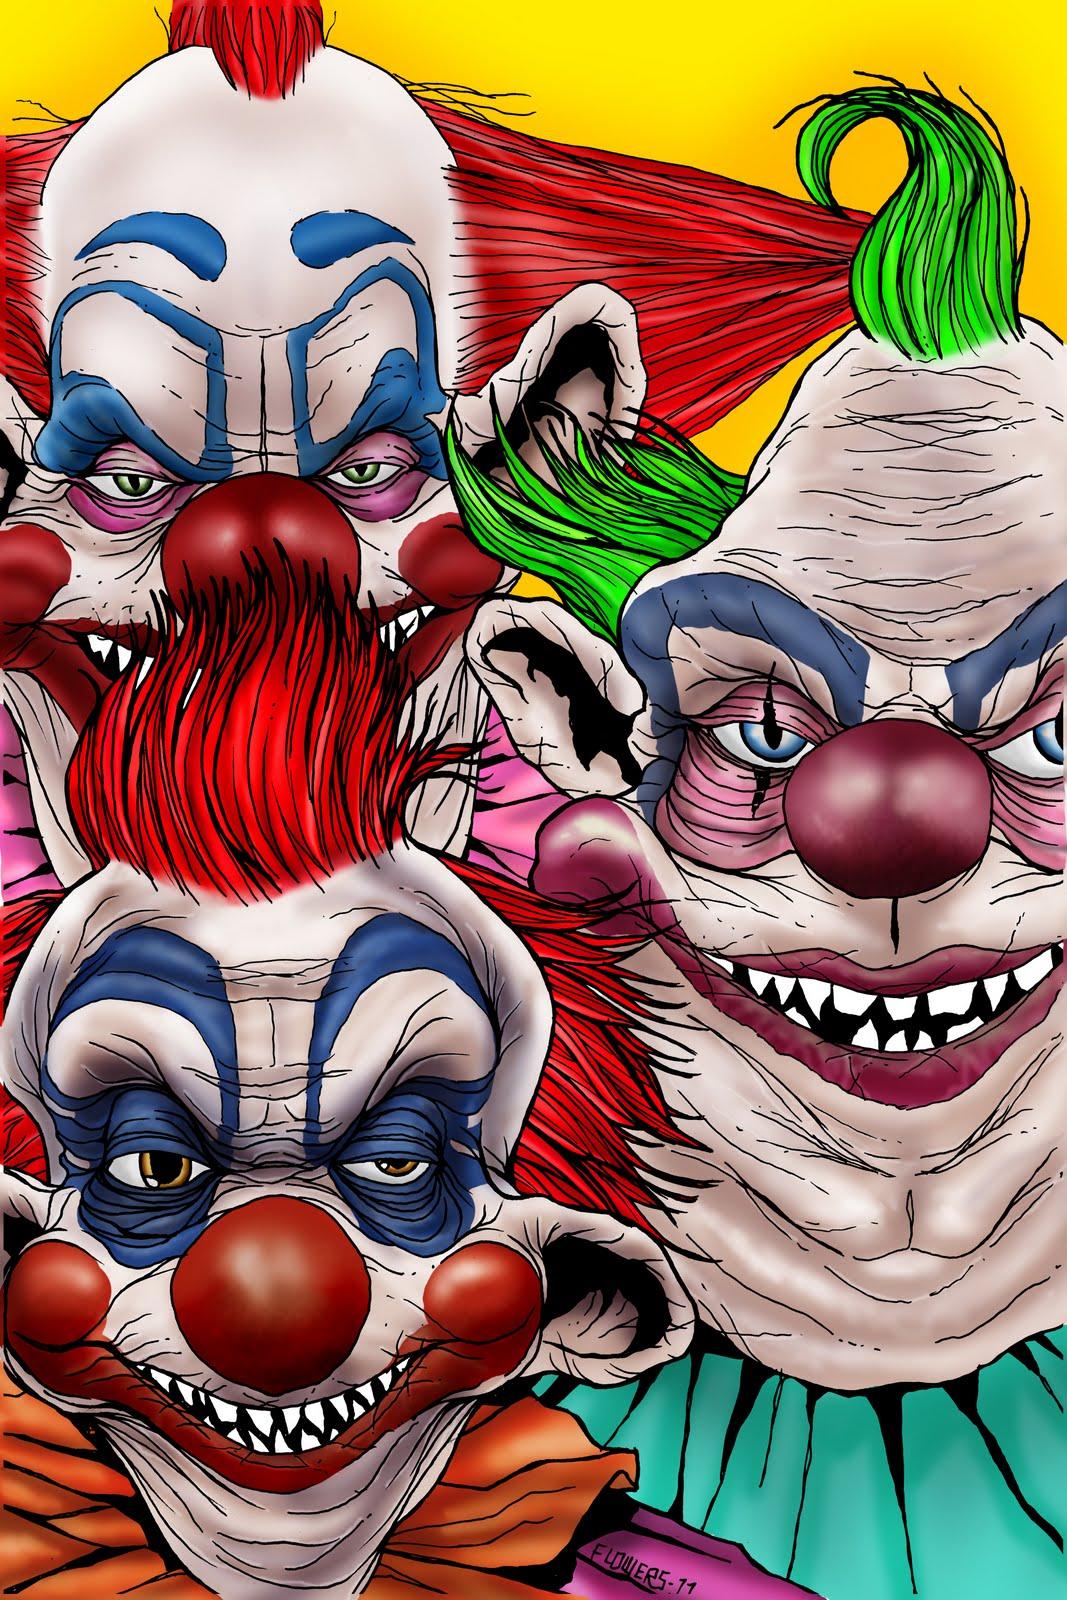 The art of jason flowers september 2011 for Killer klowns from outer space